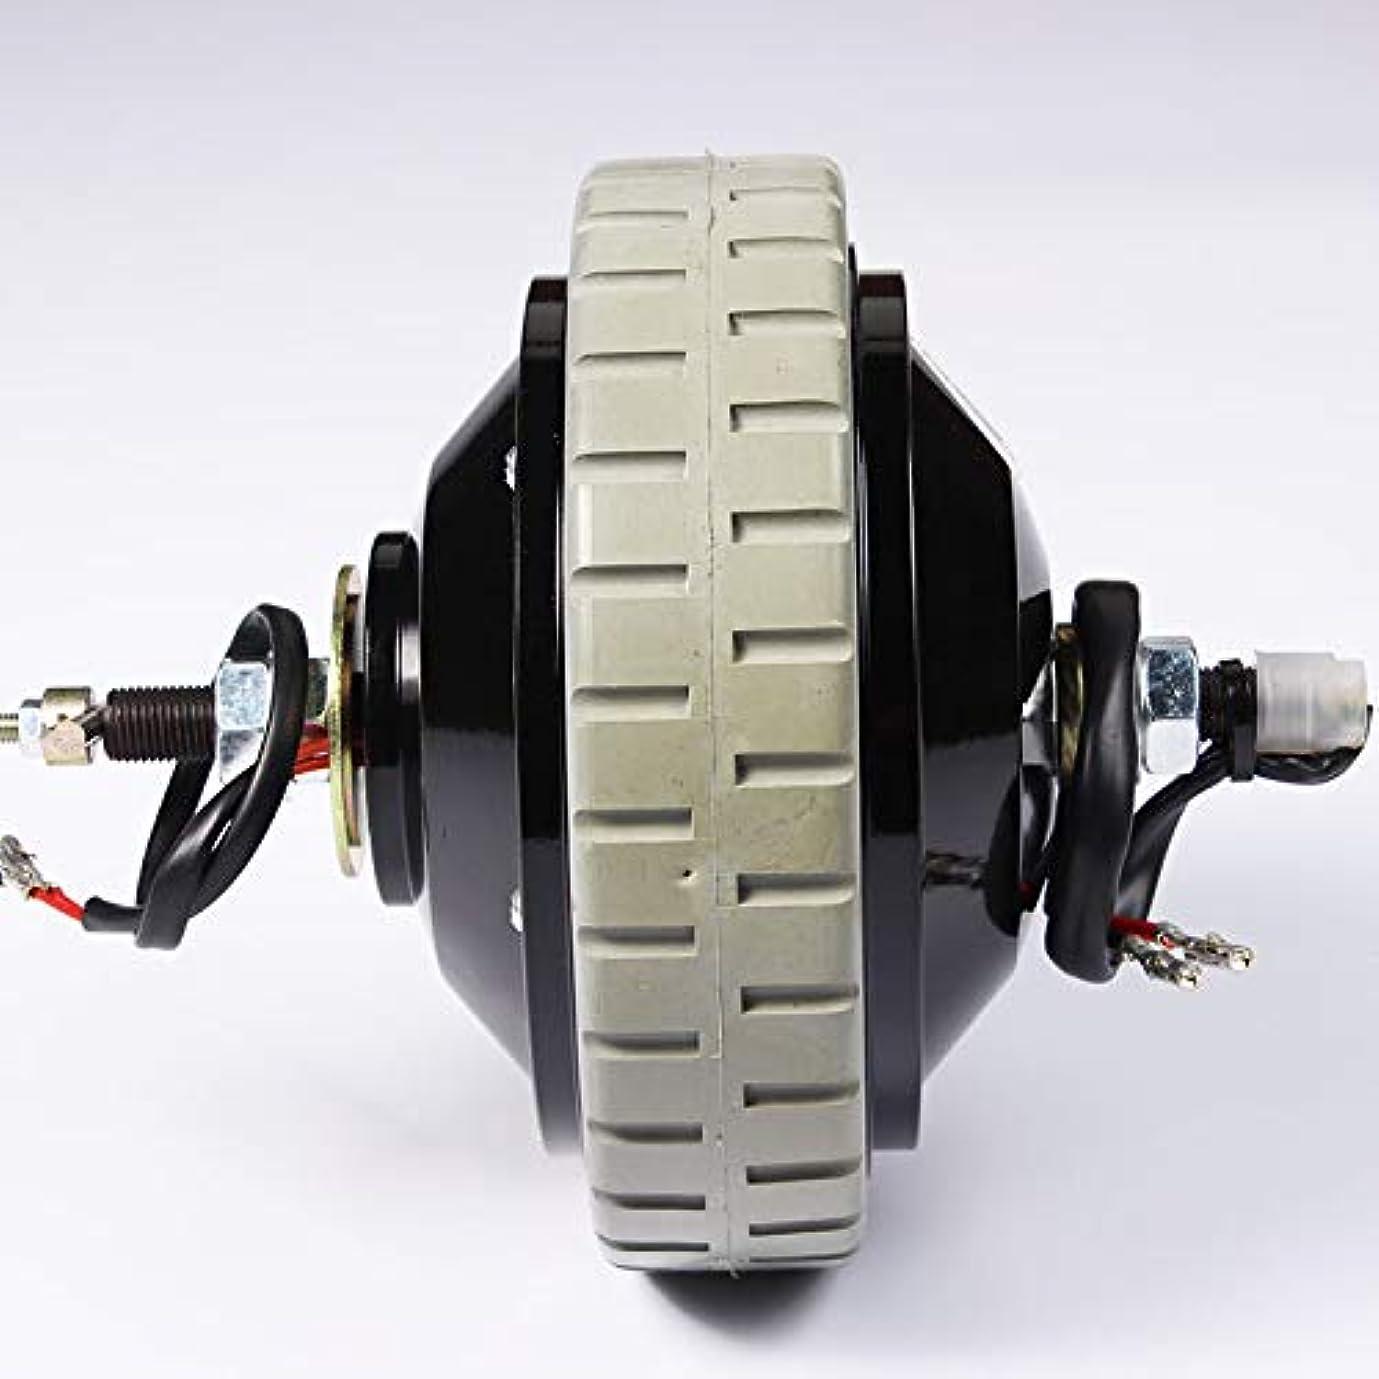 類人猿失速マージ電動ホイールハブモーター、電動自転車モーター、電動自転車モーター、電動ブラシDCハブモーター6インチリムーバブルホイールハブモーター75W DC24V…